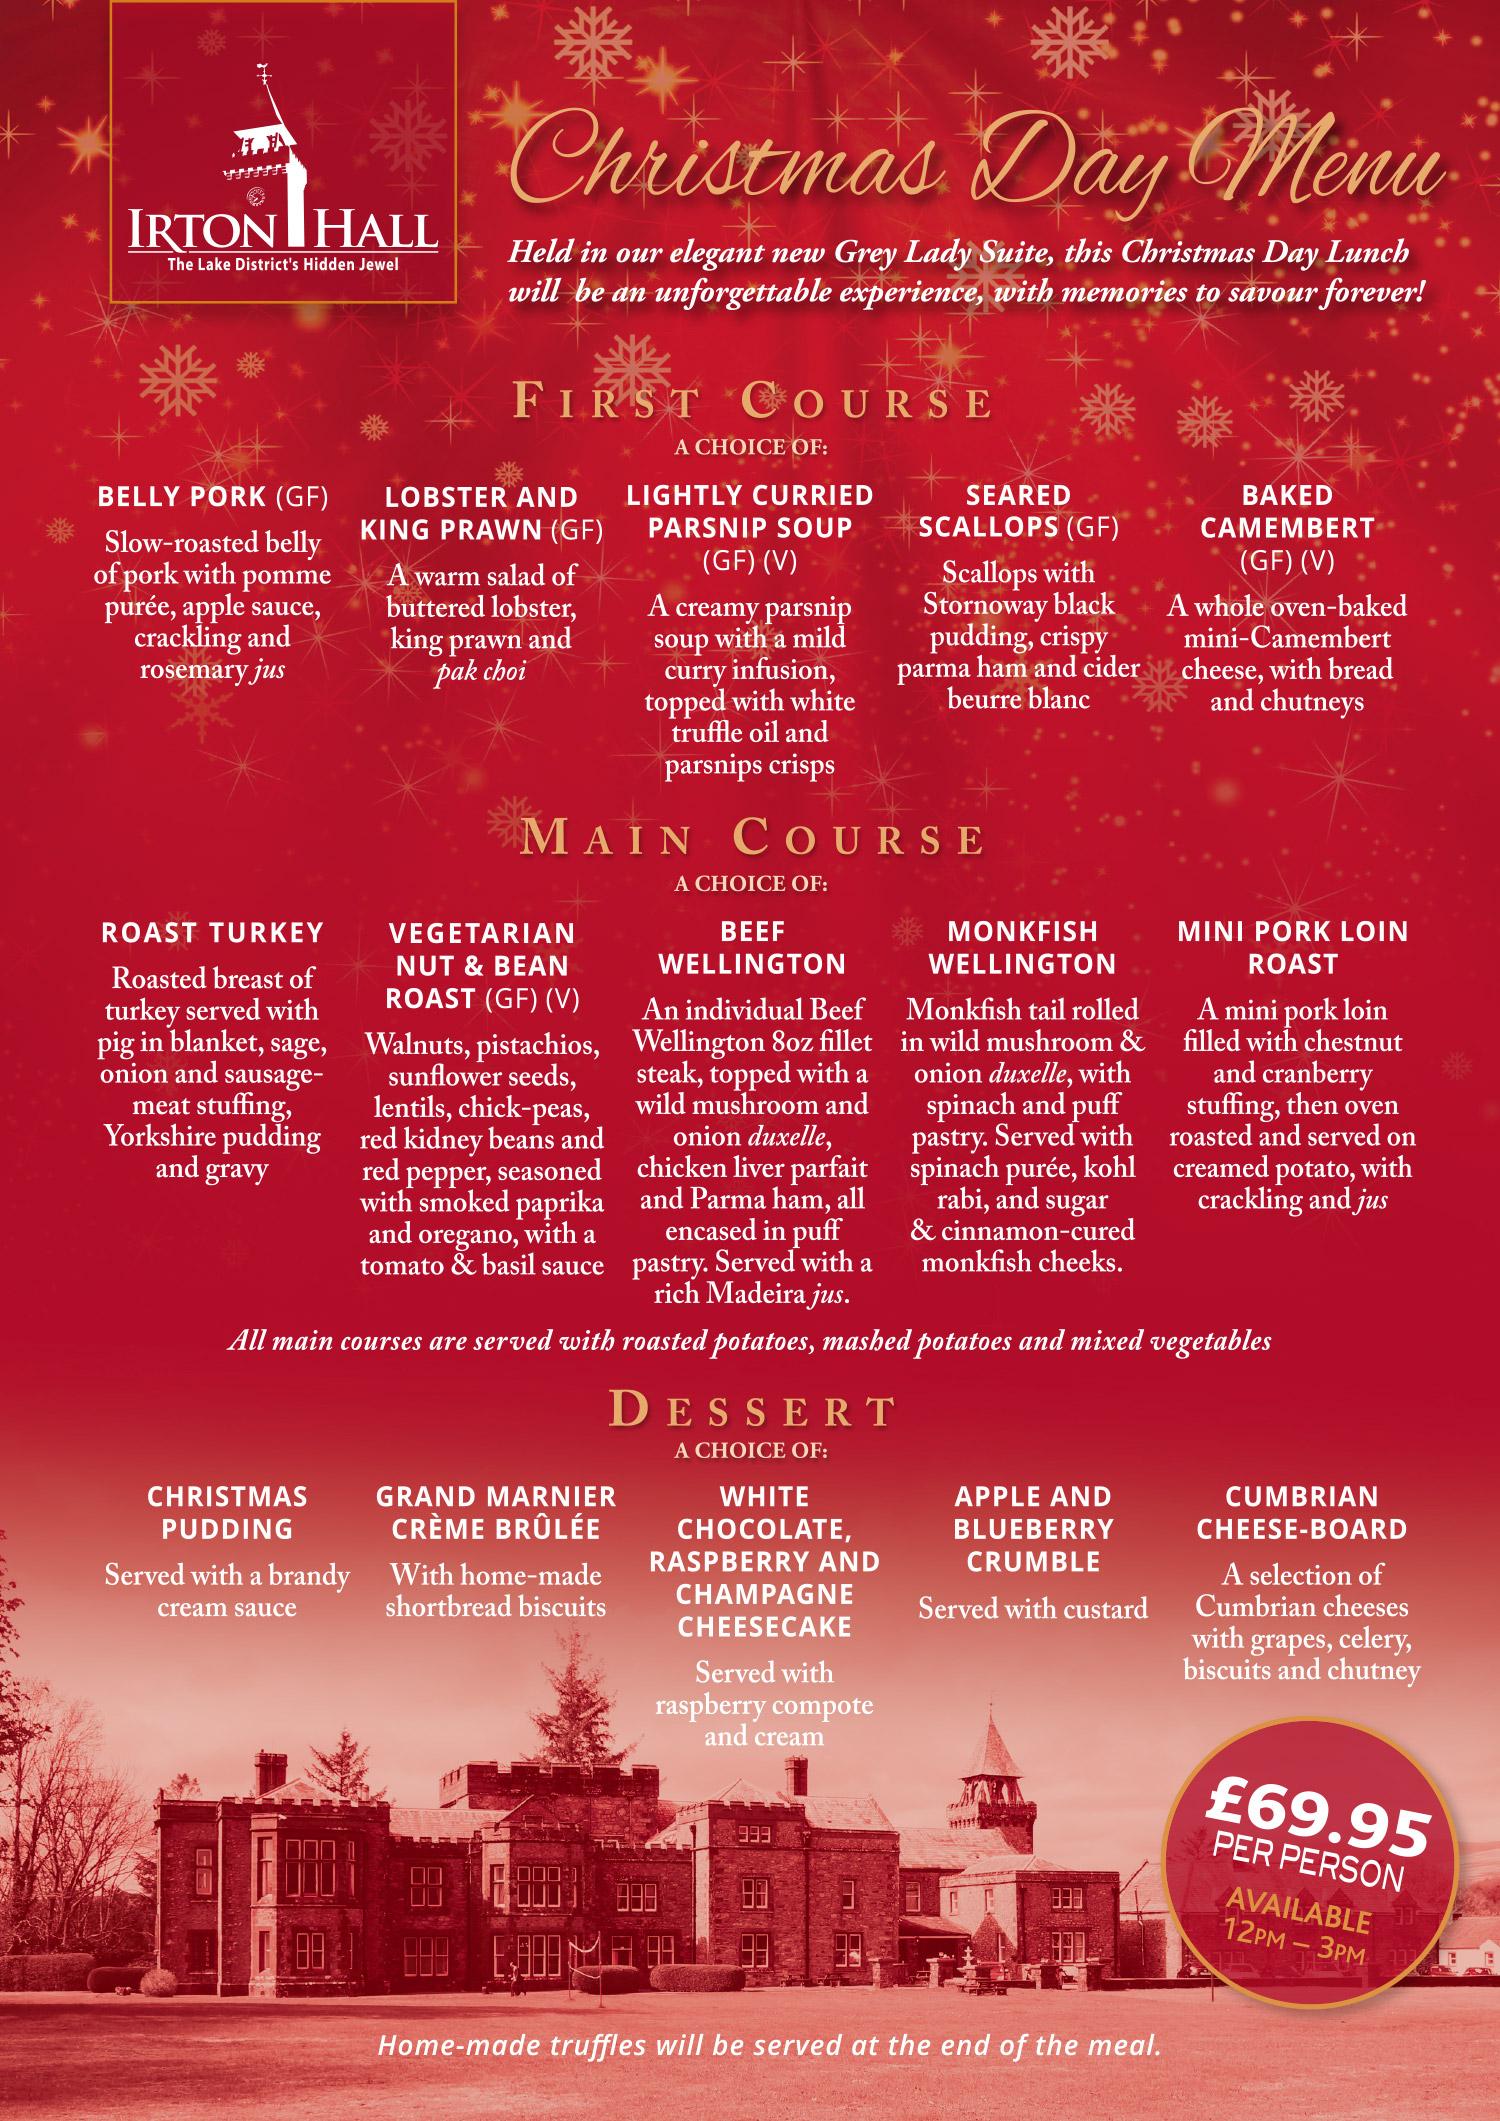 Irton Hall Christmas Day Menu 2019